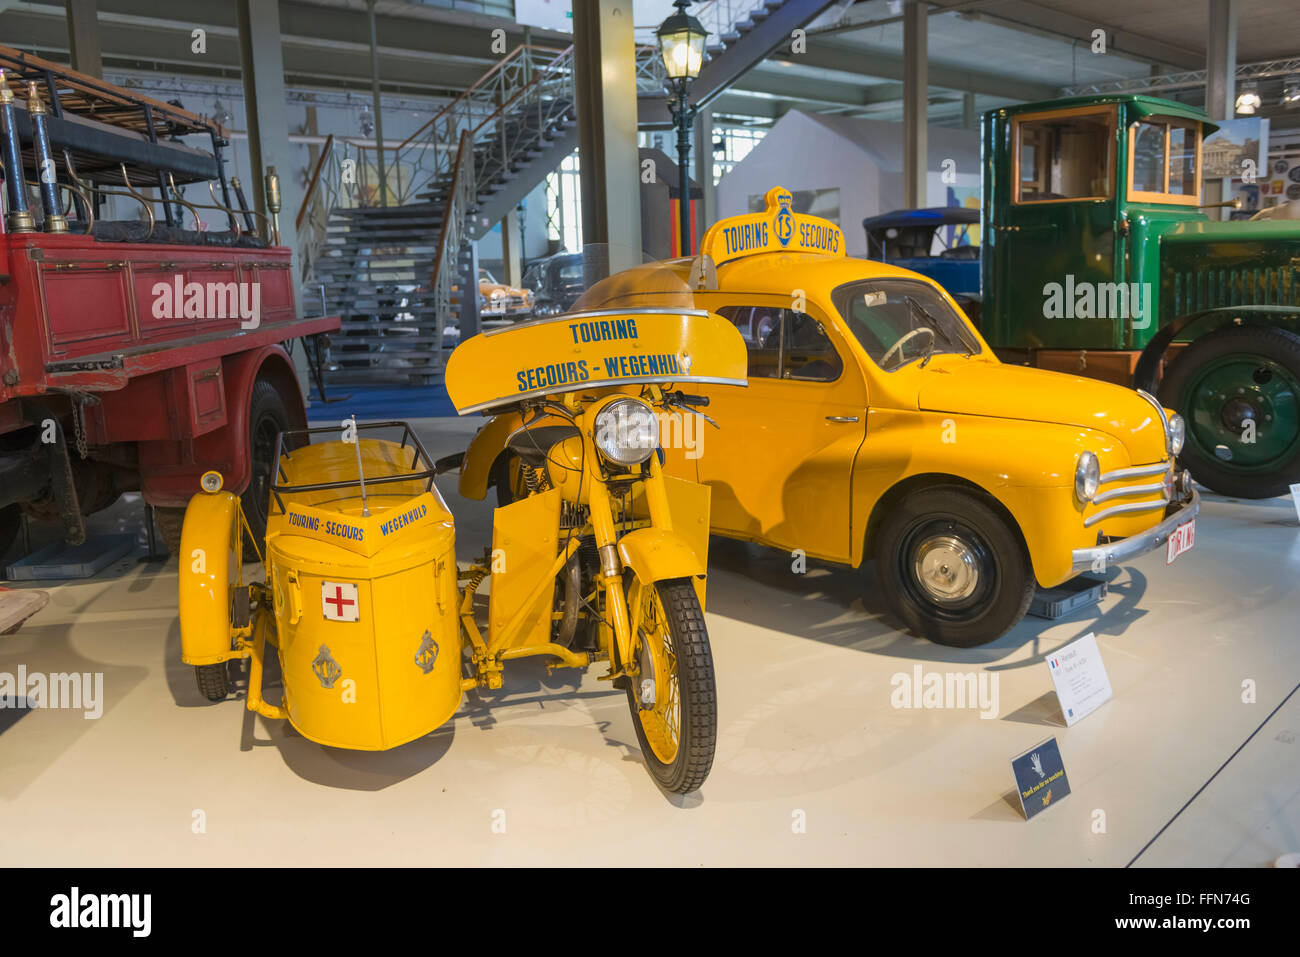 Casco Histórico de vehículos en exhibición en el Museo Autoworld de Bruselas, Bélgica, Europa Imagen De Stock